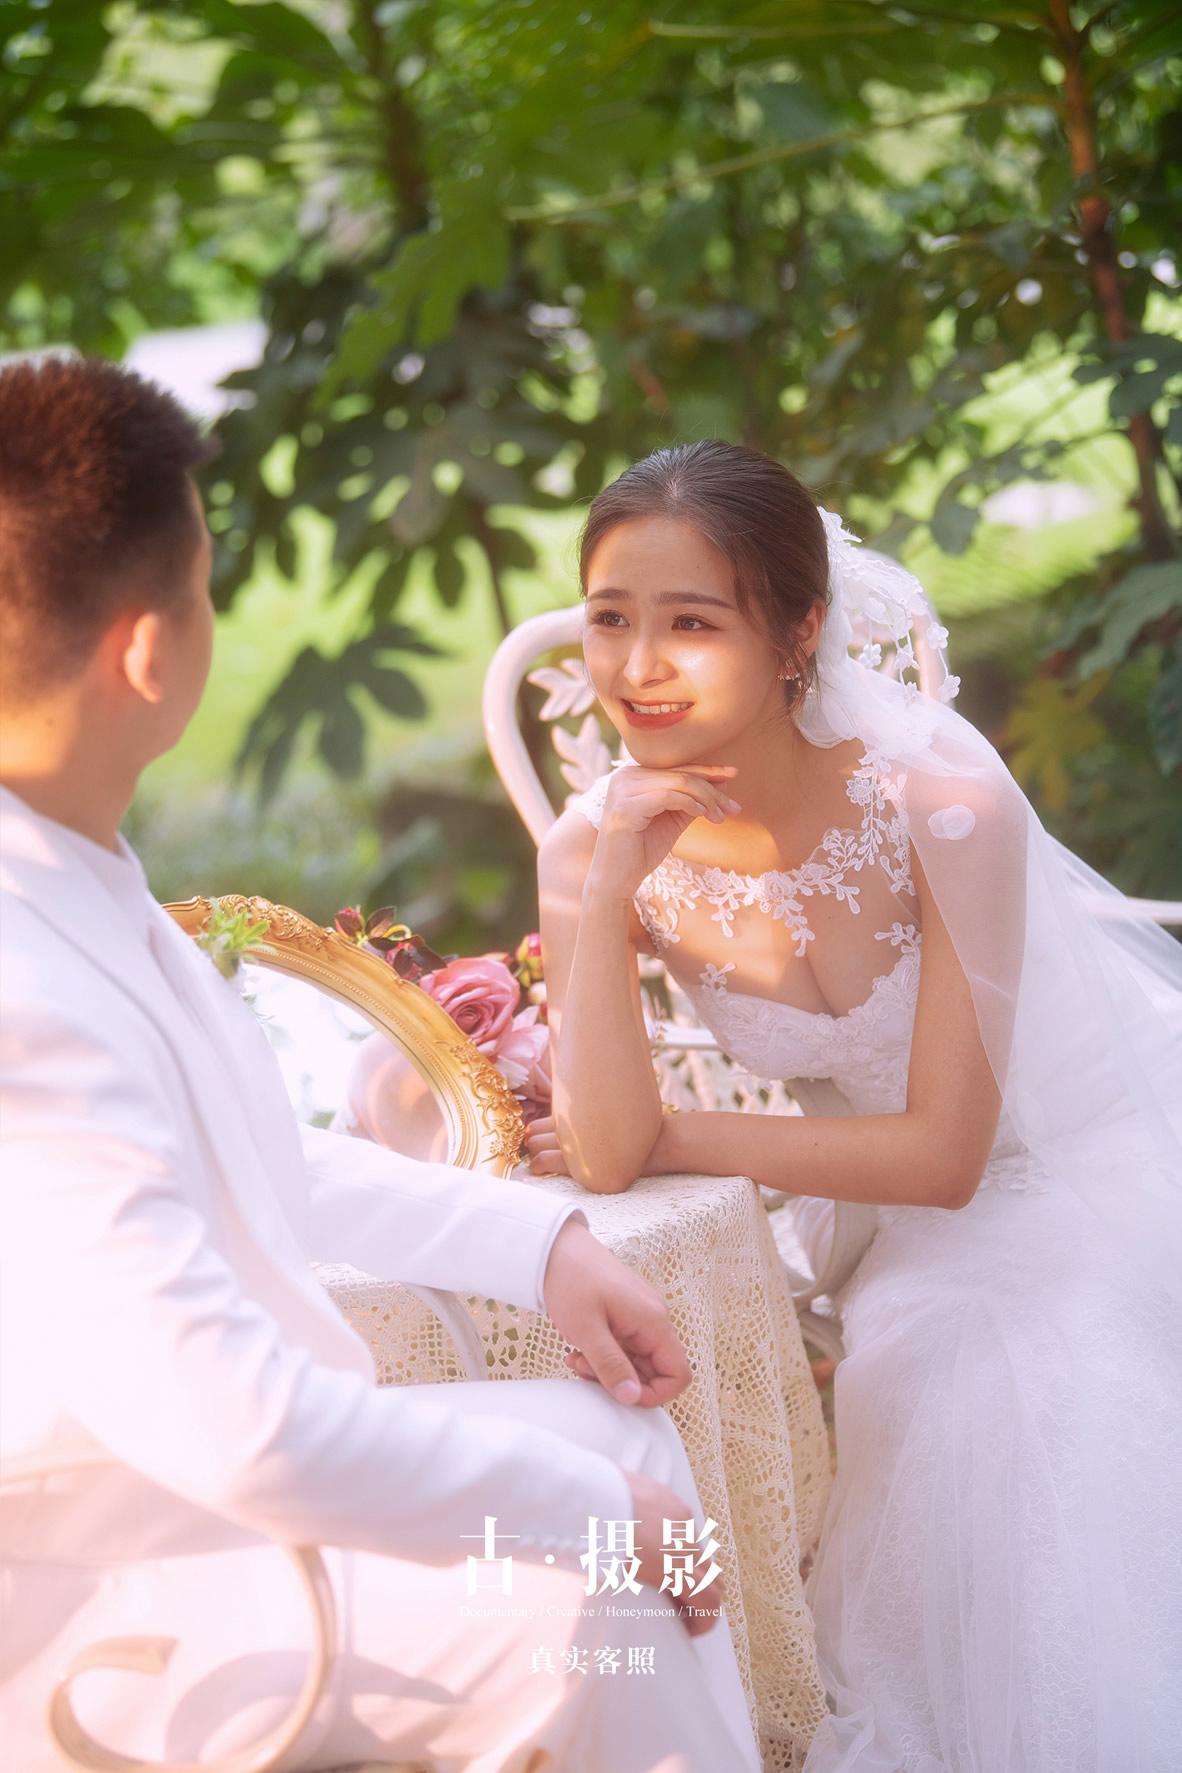 雷先生 龙小姐 - 每日客照 - 古摄影婚纱艺术-古摄影成都婚纱摄影艺术摄影网